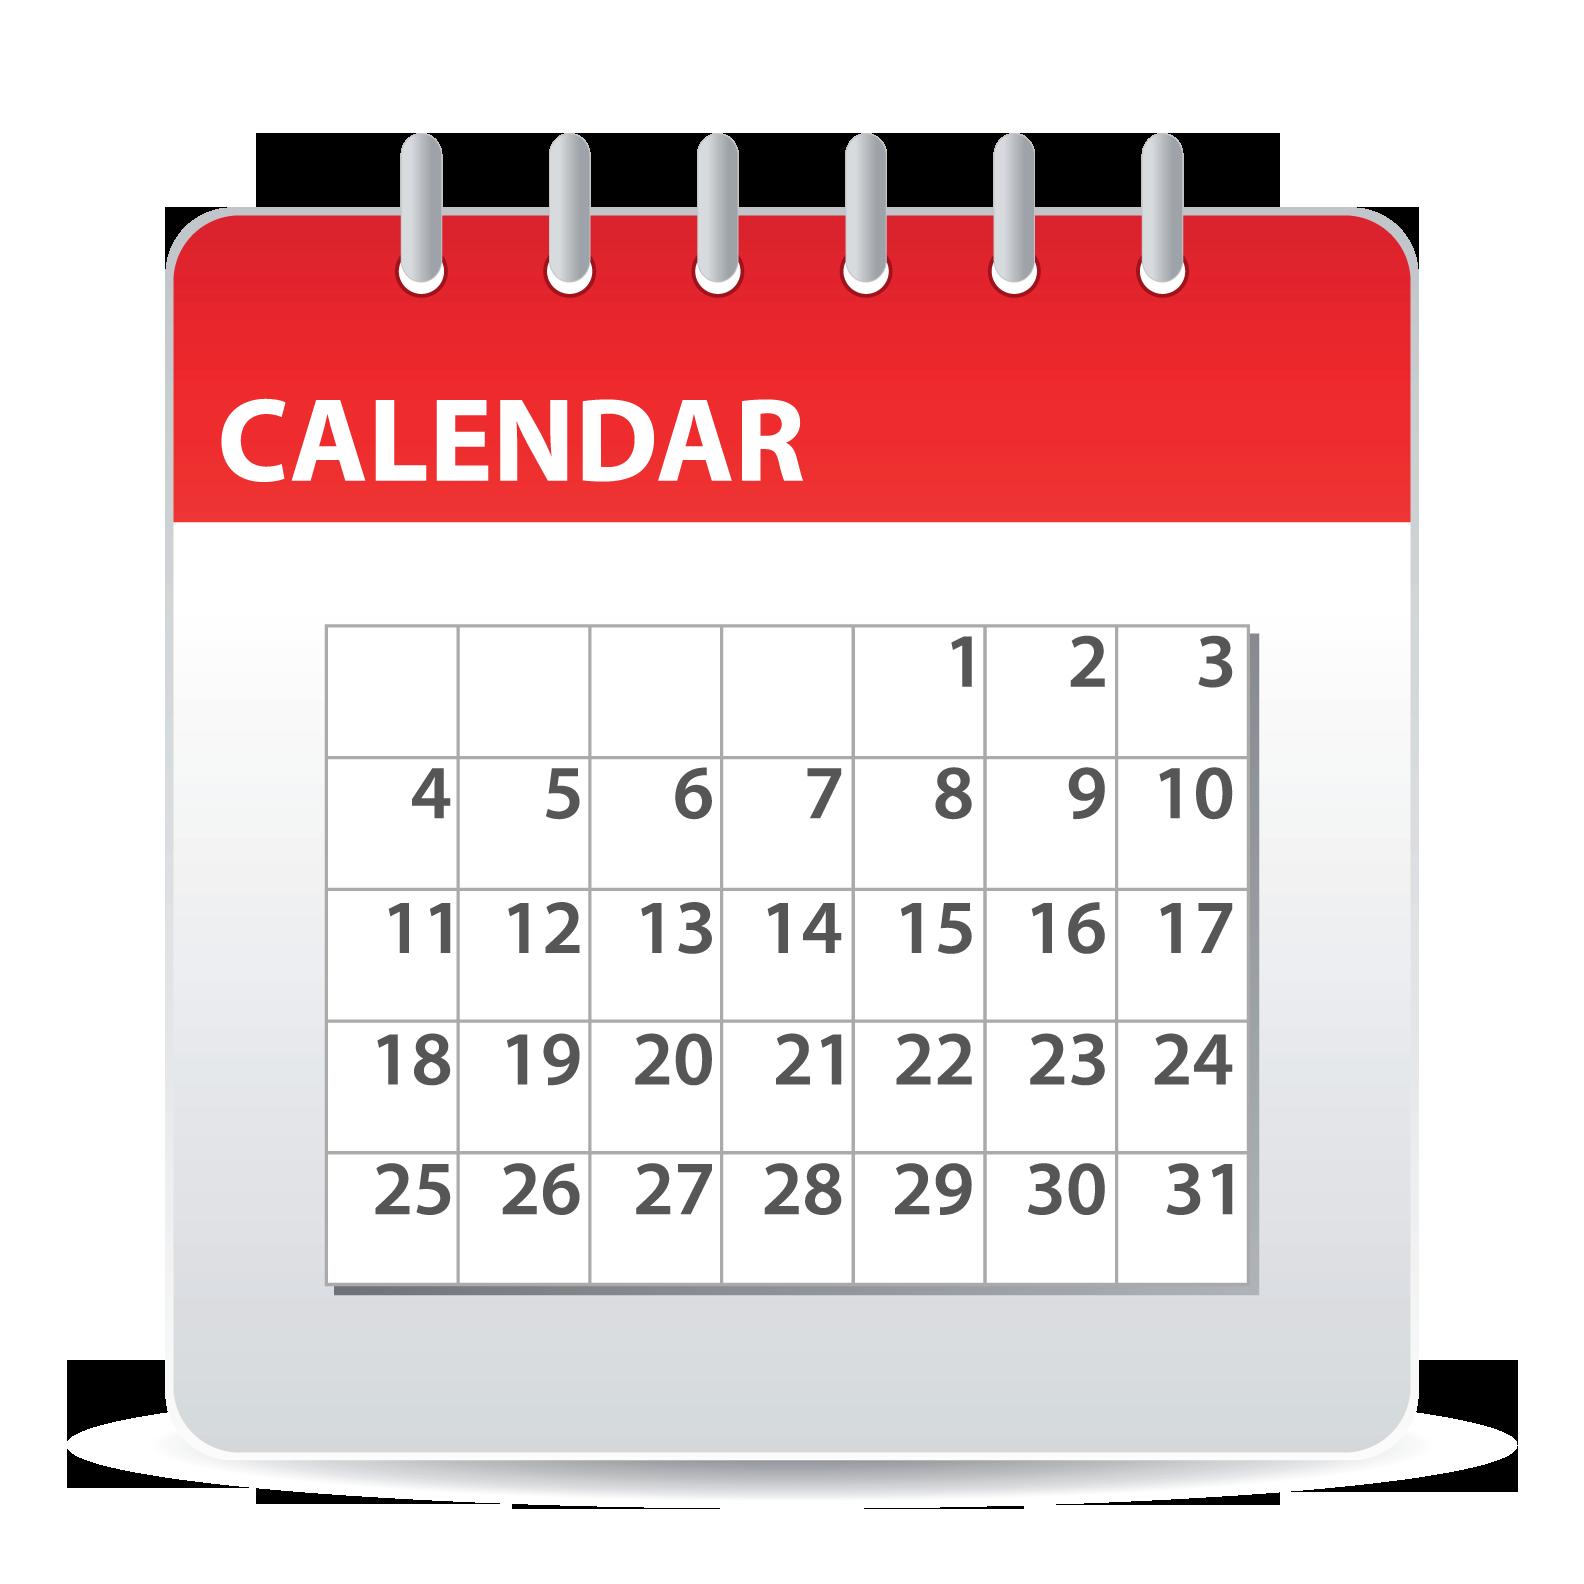 GECHS 2019-2020 Calendar